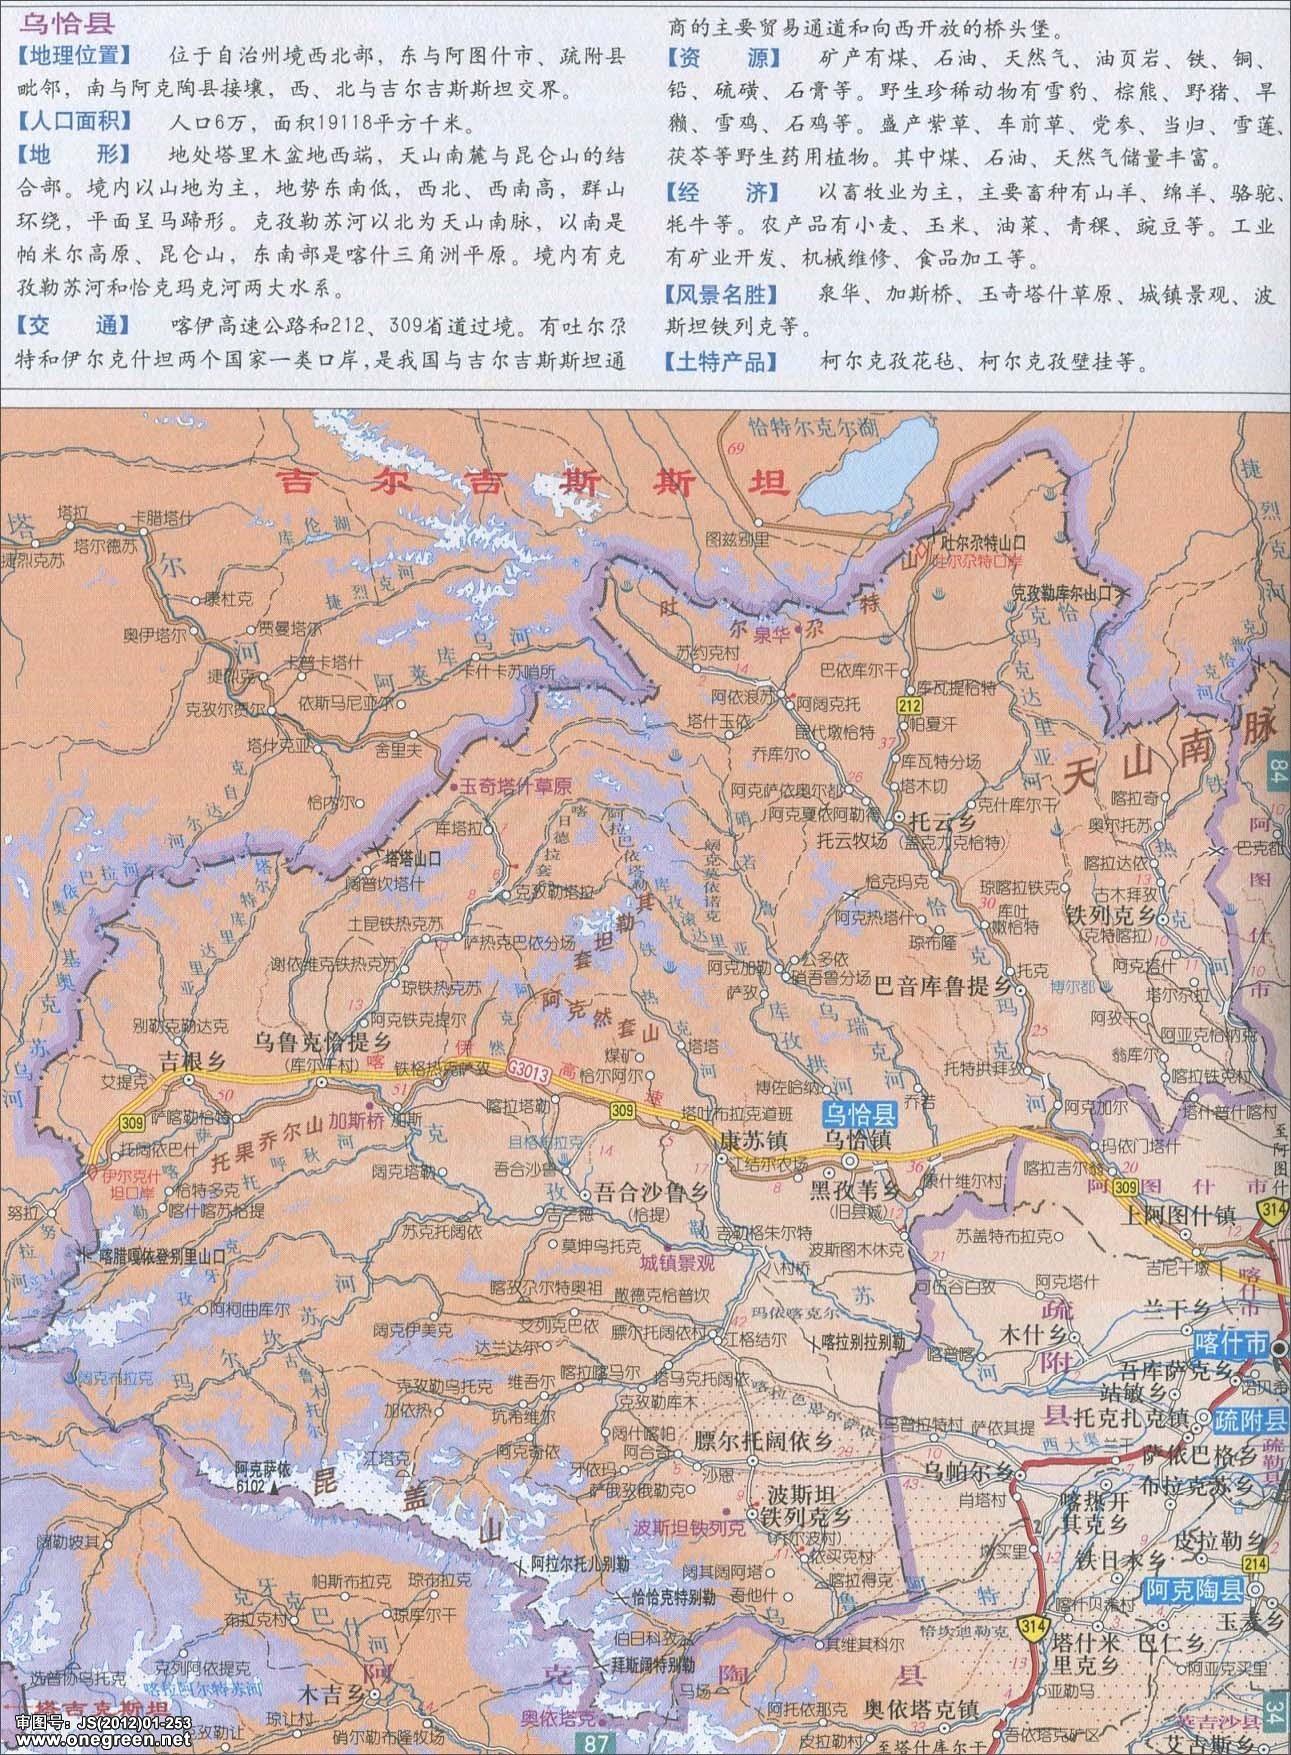 新疆阿勒泰地图_乌恰县地图_克孜勒苏地图库_地图窝